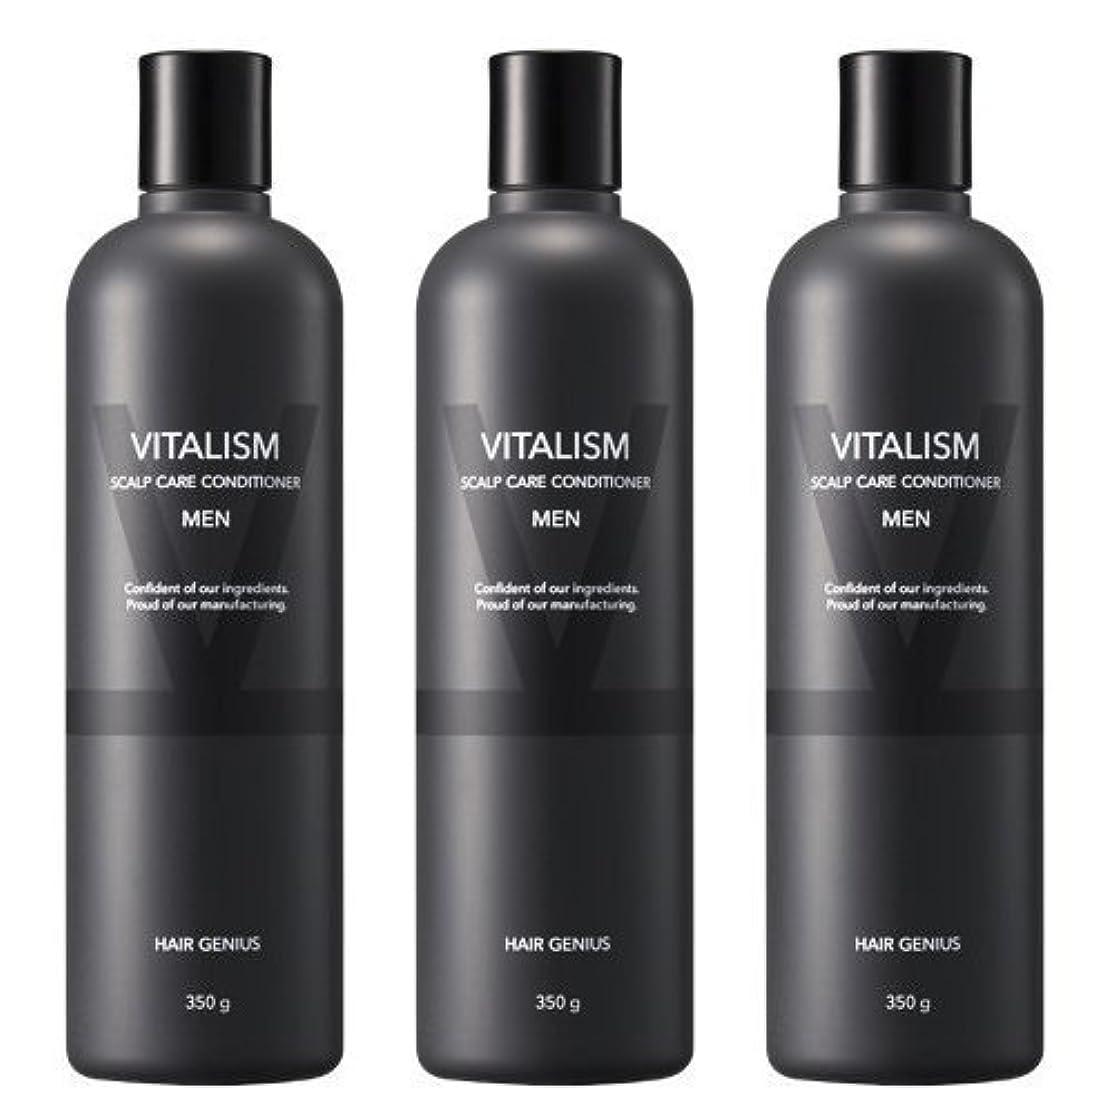 閲覧するクレジットきらめきバイタリズム(VITALISM) スカルプケア コンディショナー ノンシリコン for MEN (男性用) 350ml ×3本